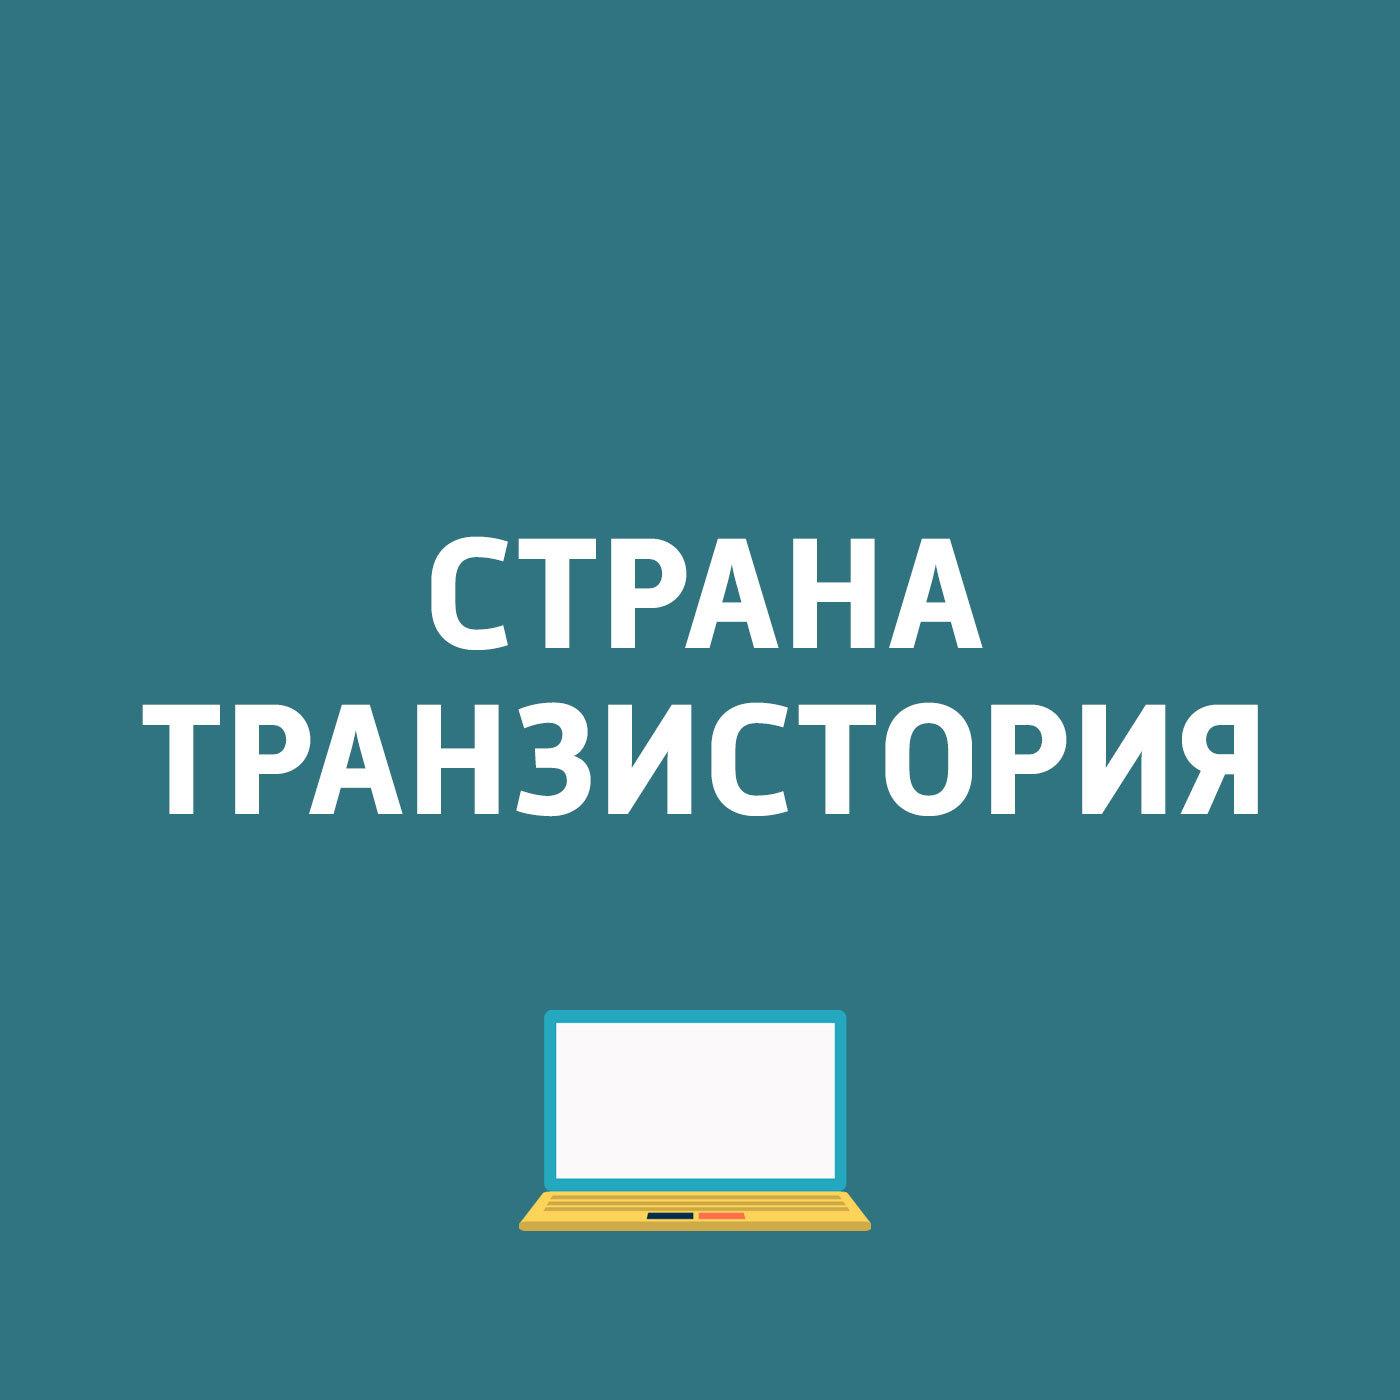 Фото - Картаев Павел Google использует нейросети для перевода с русского языка, Google play - 5 лет видео